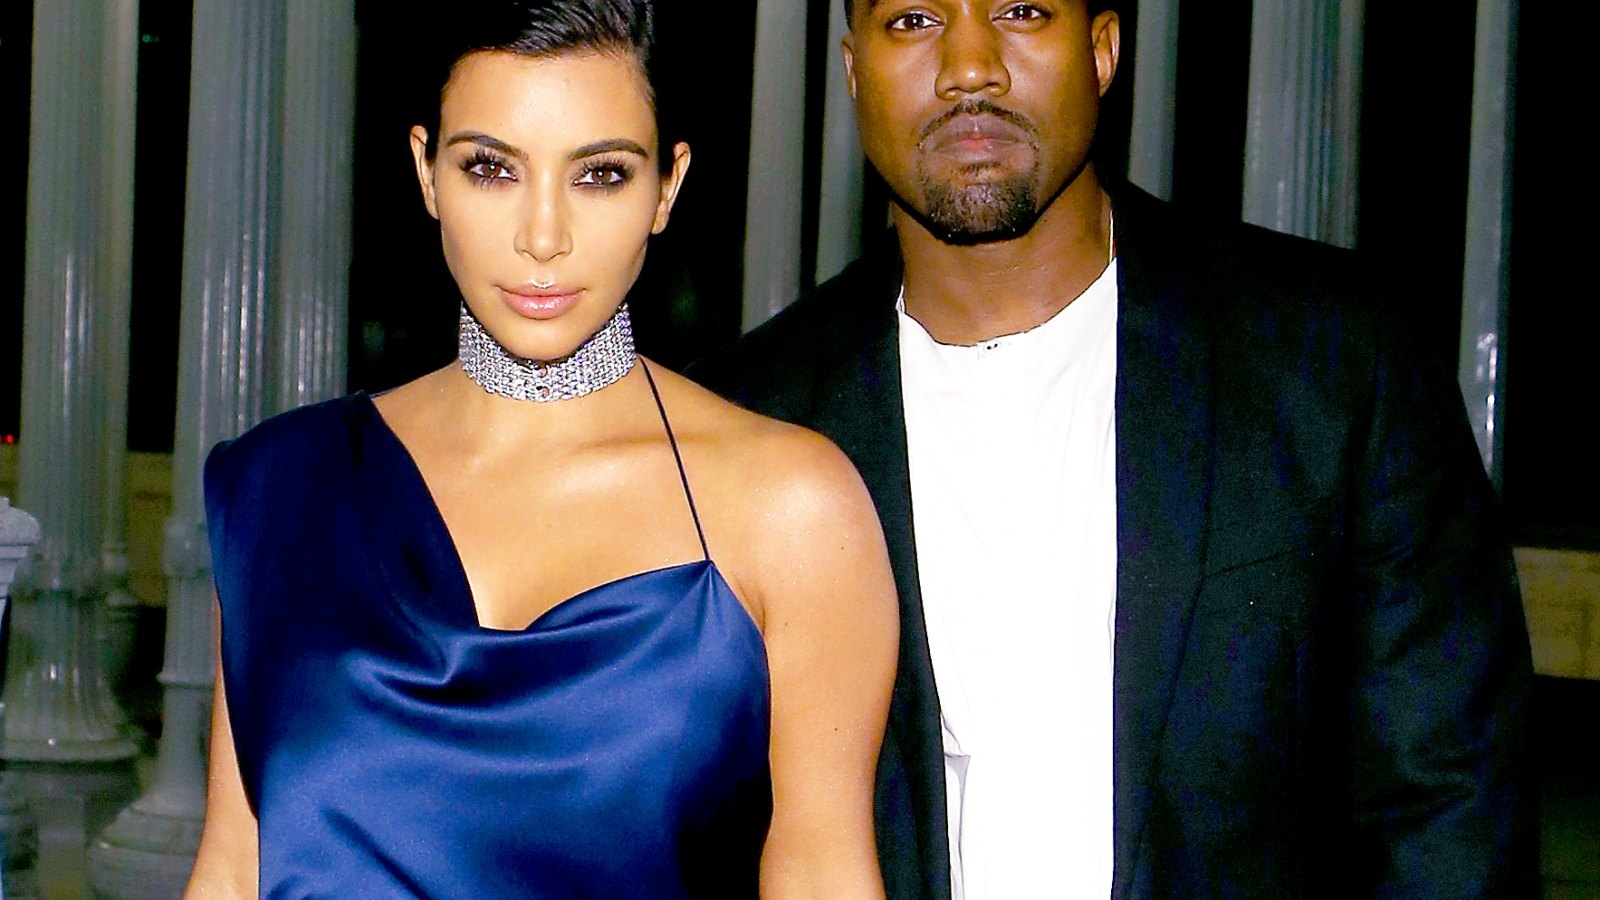 Kanye West Shares Naked Photos of Kim Kardashian, Gushes